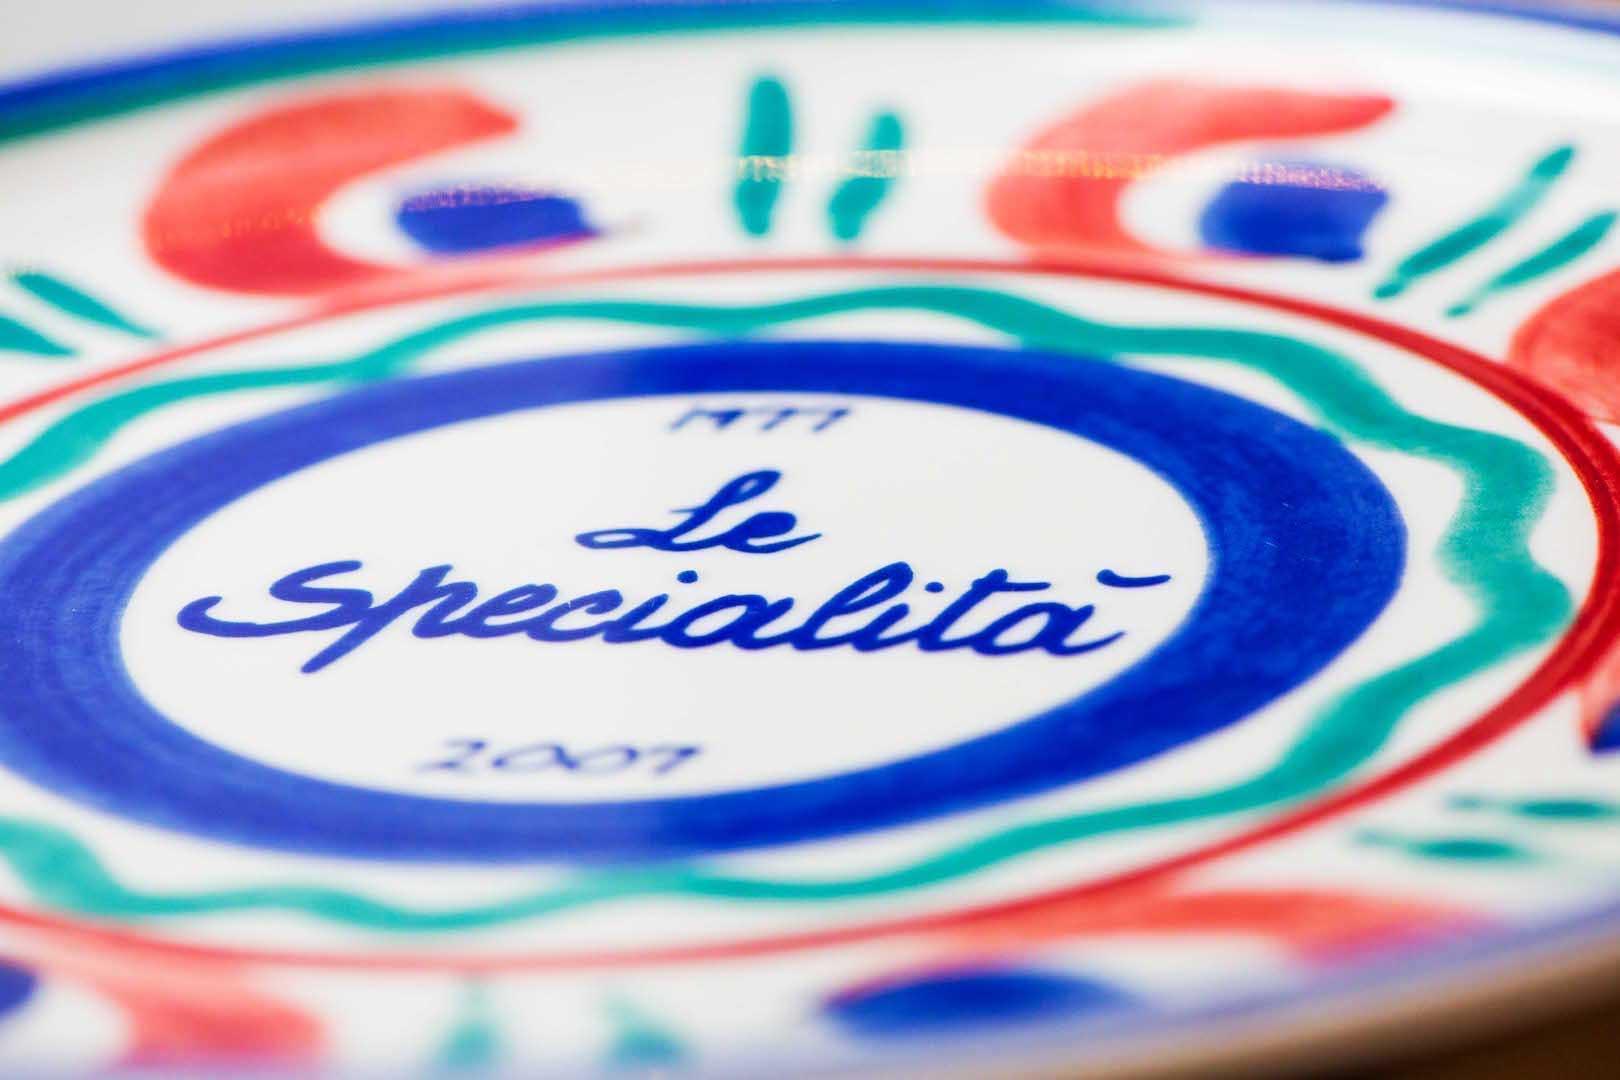 Le Specialità - Milano